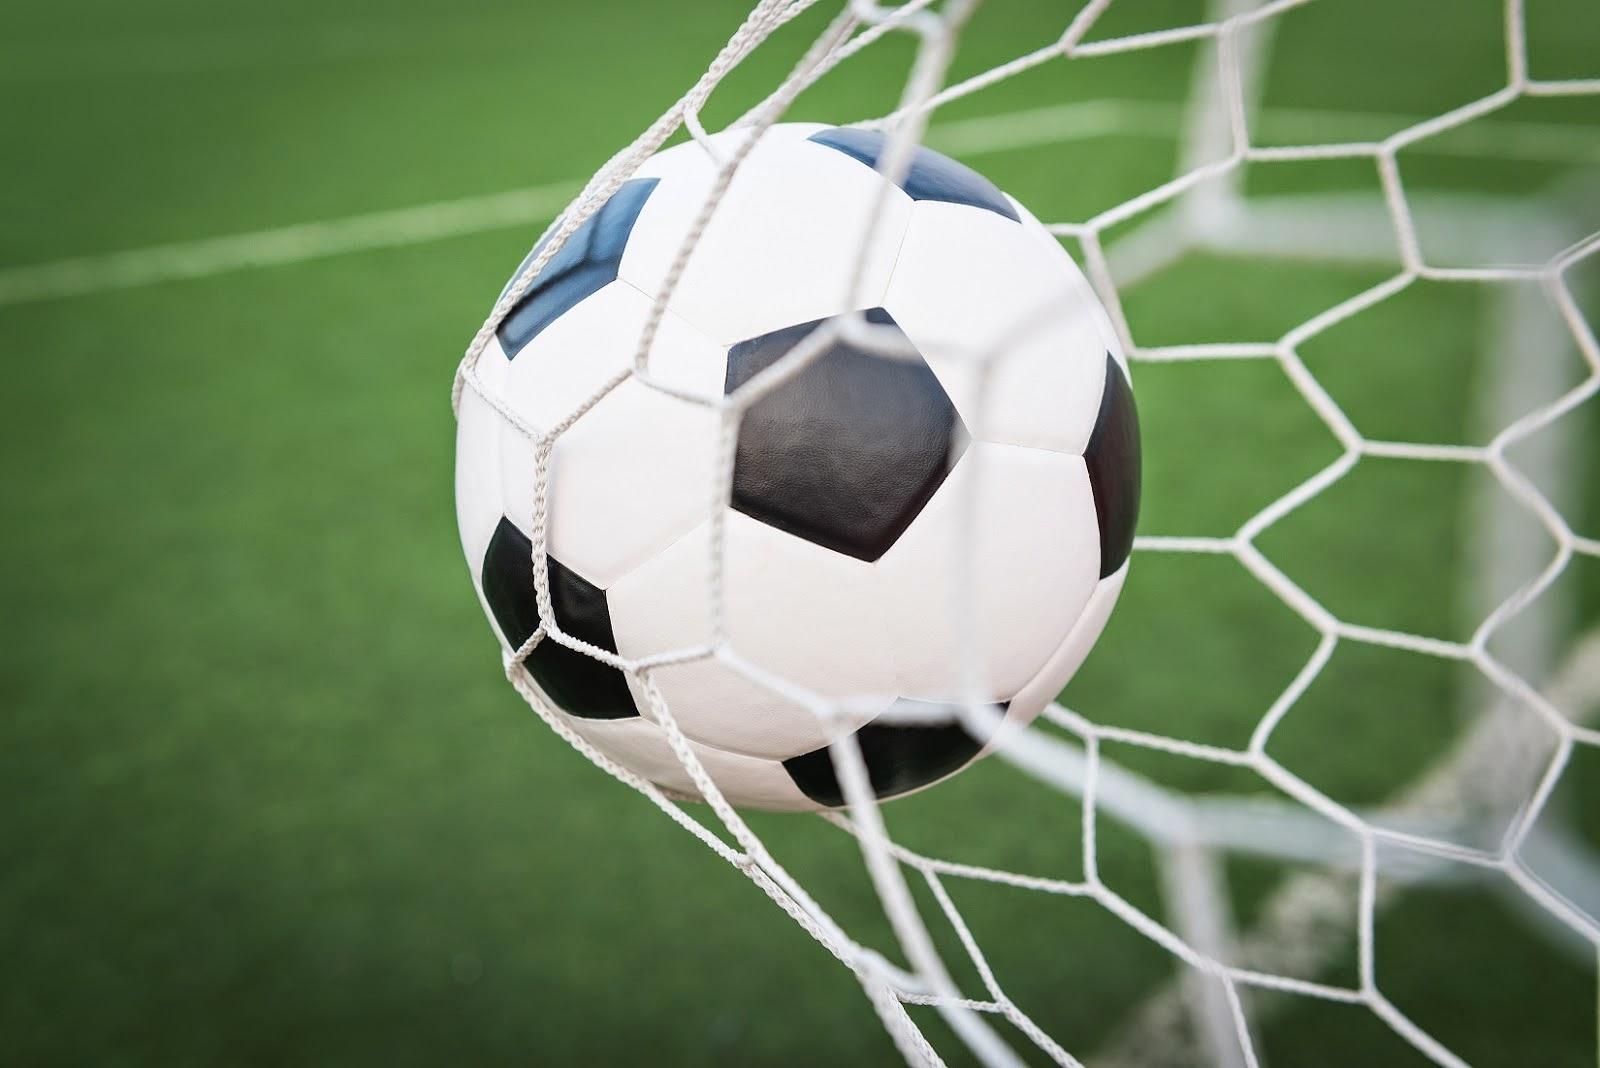 Corinthians x Botafogo: Wolff Sports conquista Direitos de Arena do amistoso que marca a inauguração da Arena Eurobike